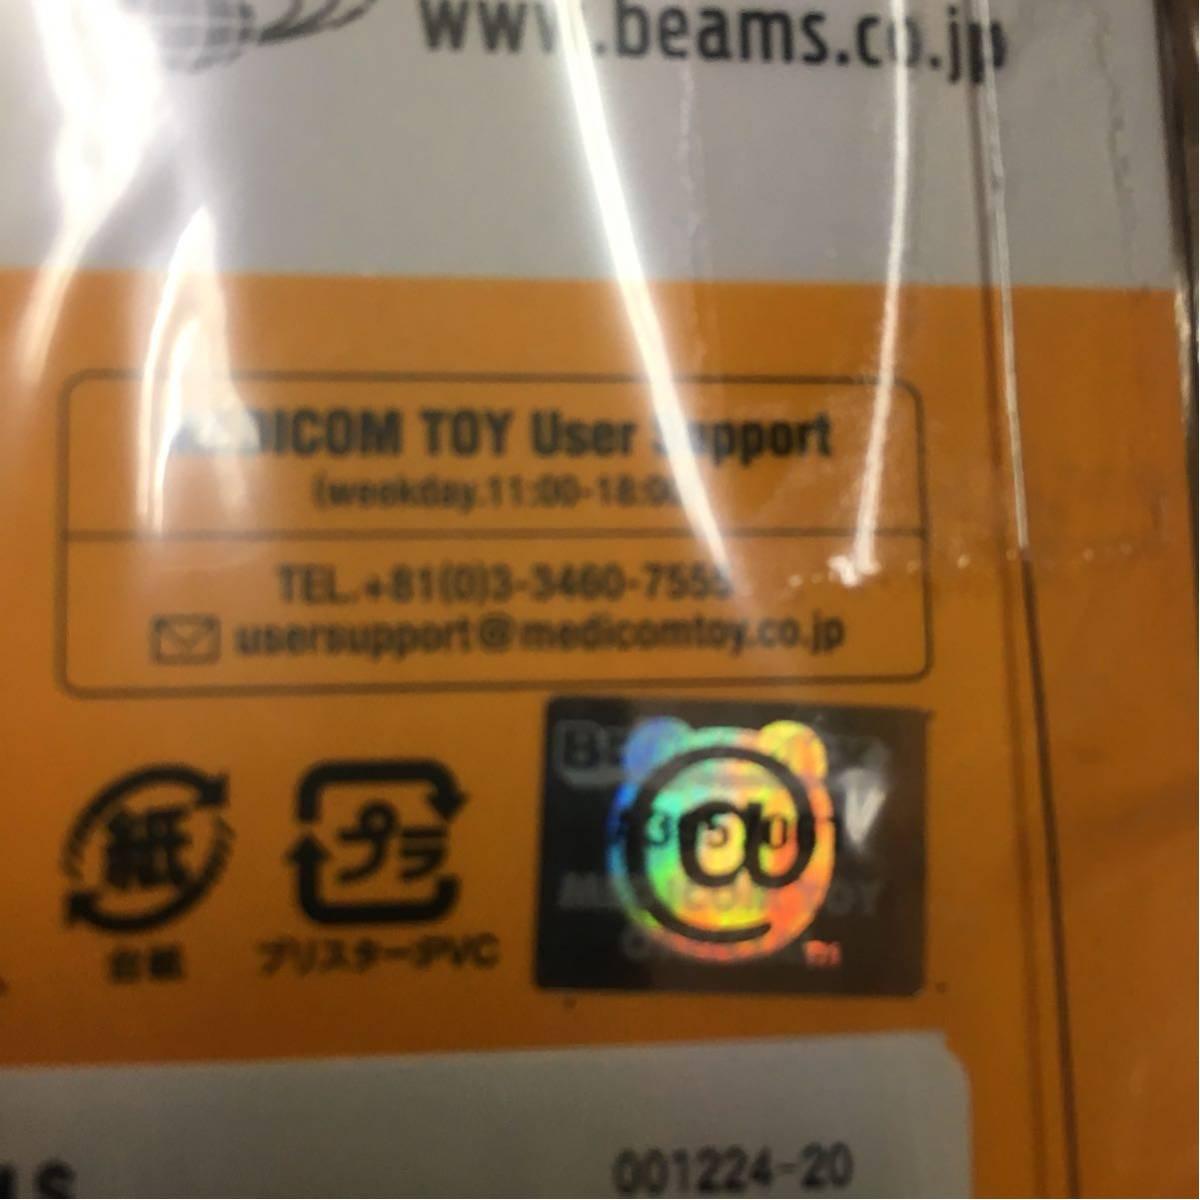 新品 未開封 定価以下 BE@RBRICK スチャダラパー 100%&400% ベアブリック BEAMS限定 BEAMS ビームス_画像7